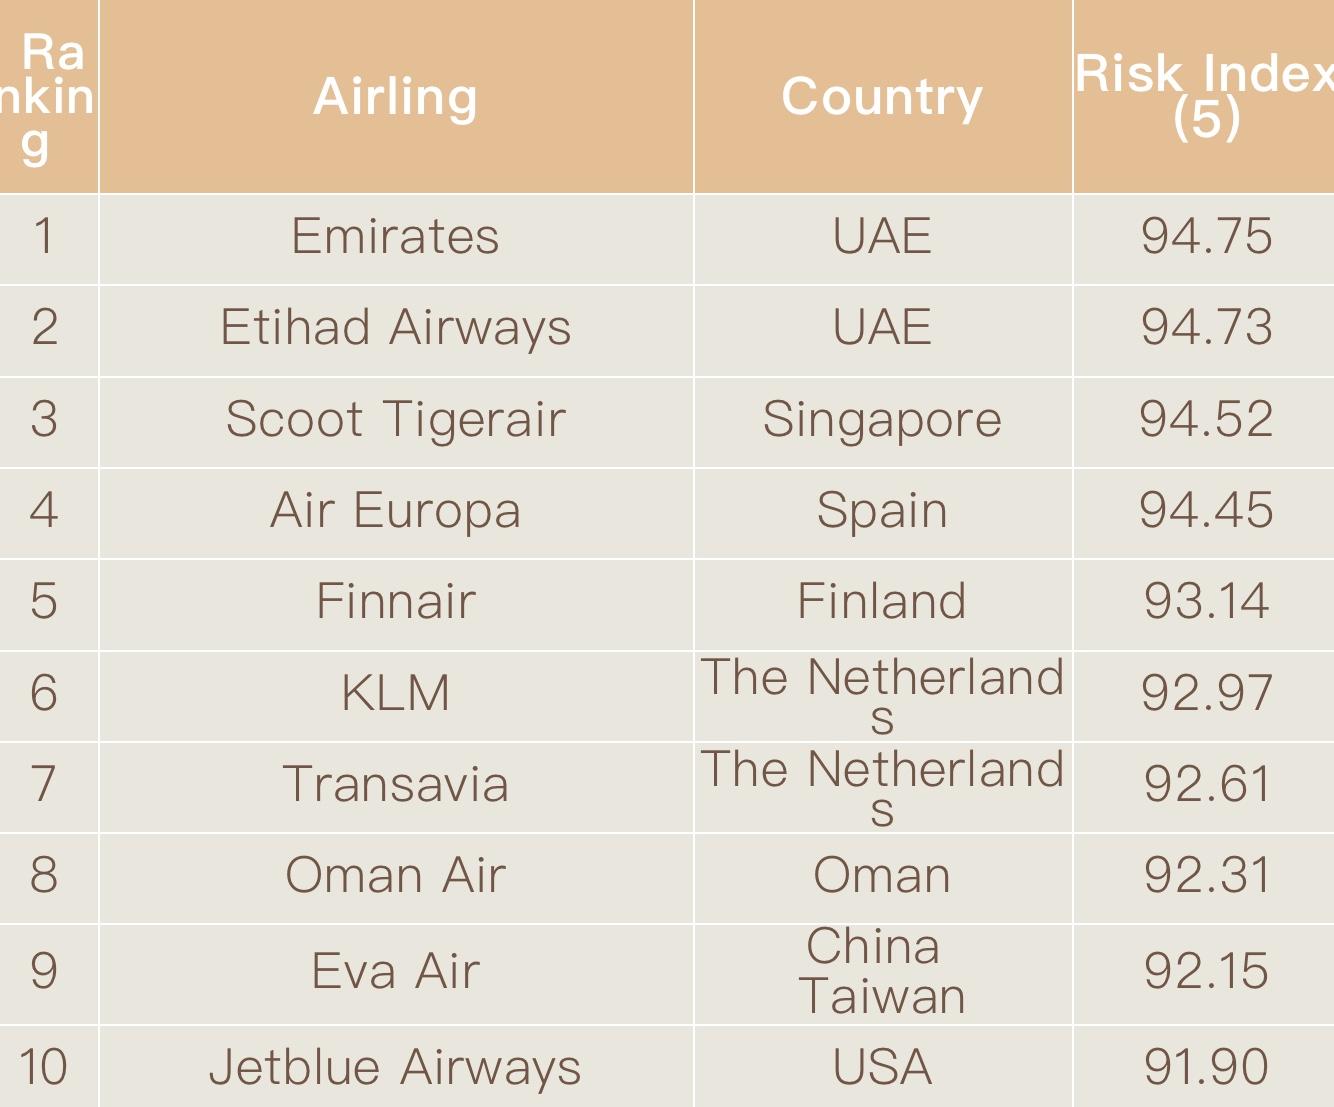 哪个航空公司最安全?荷兰这两家航空公司进入全球十大排名